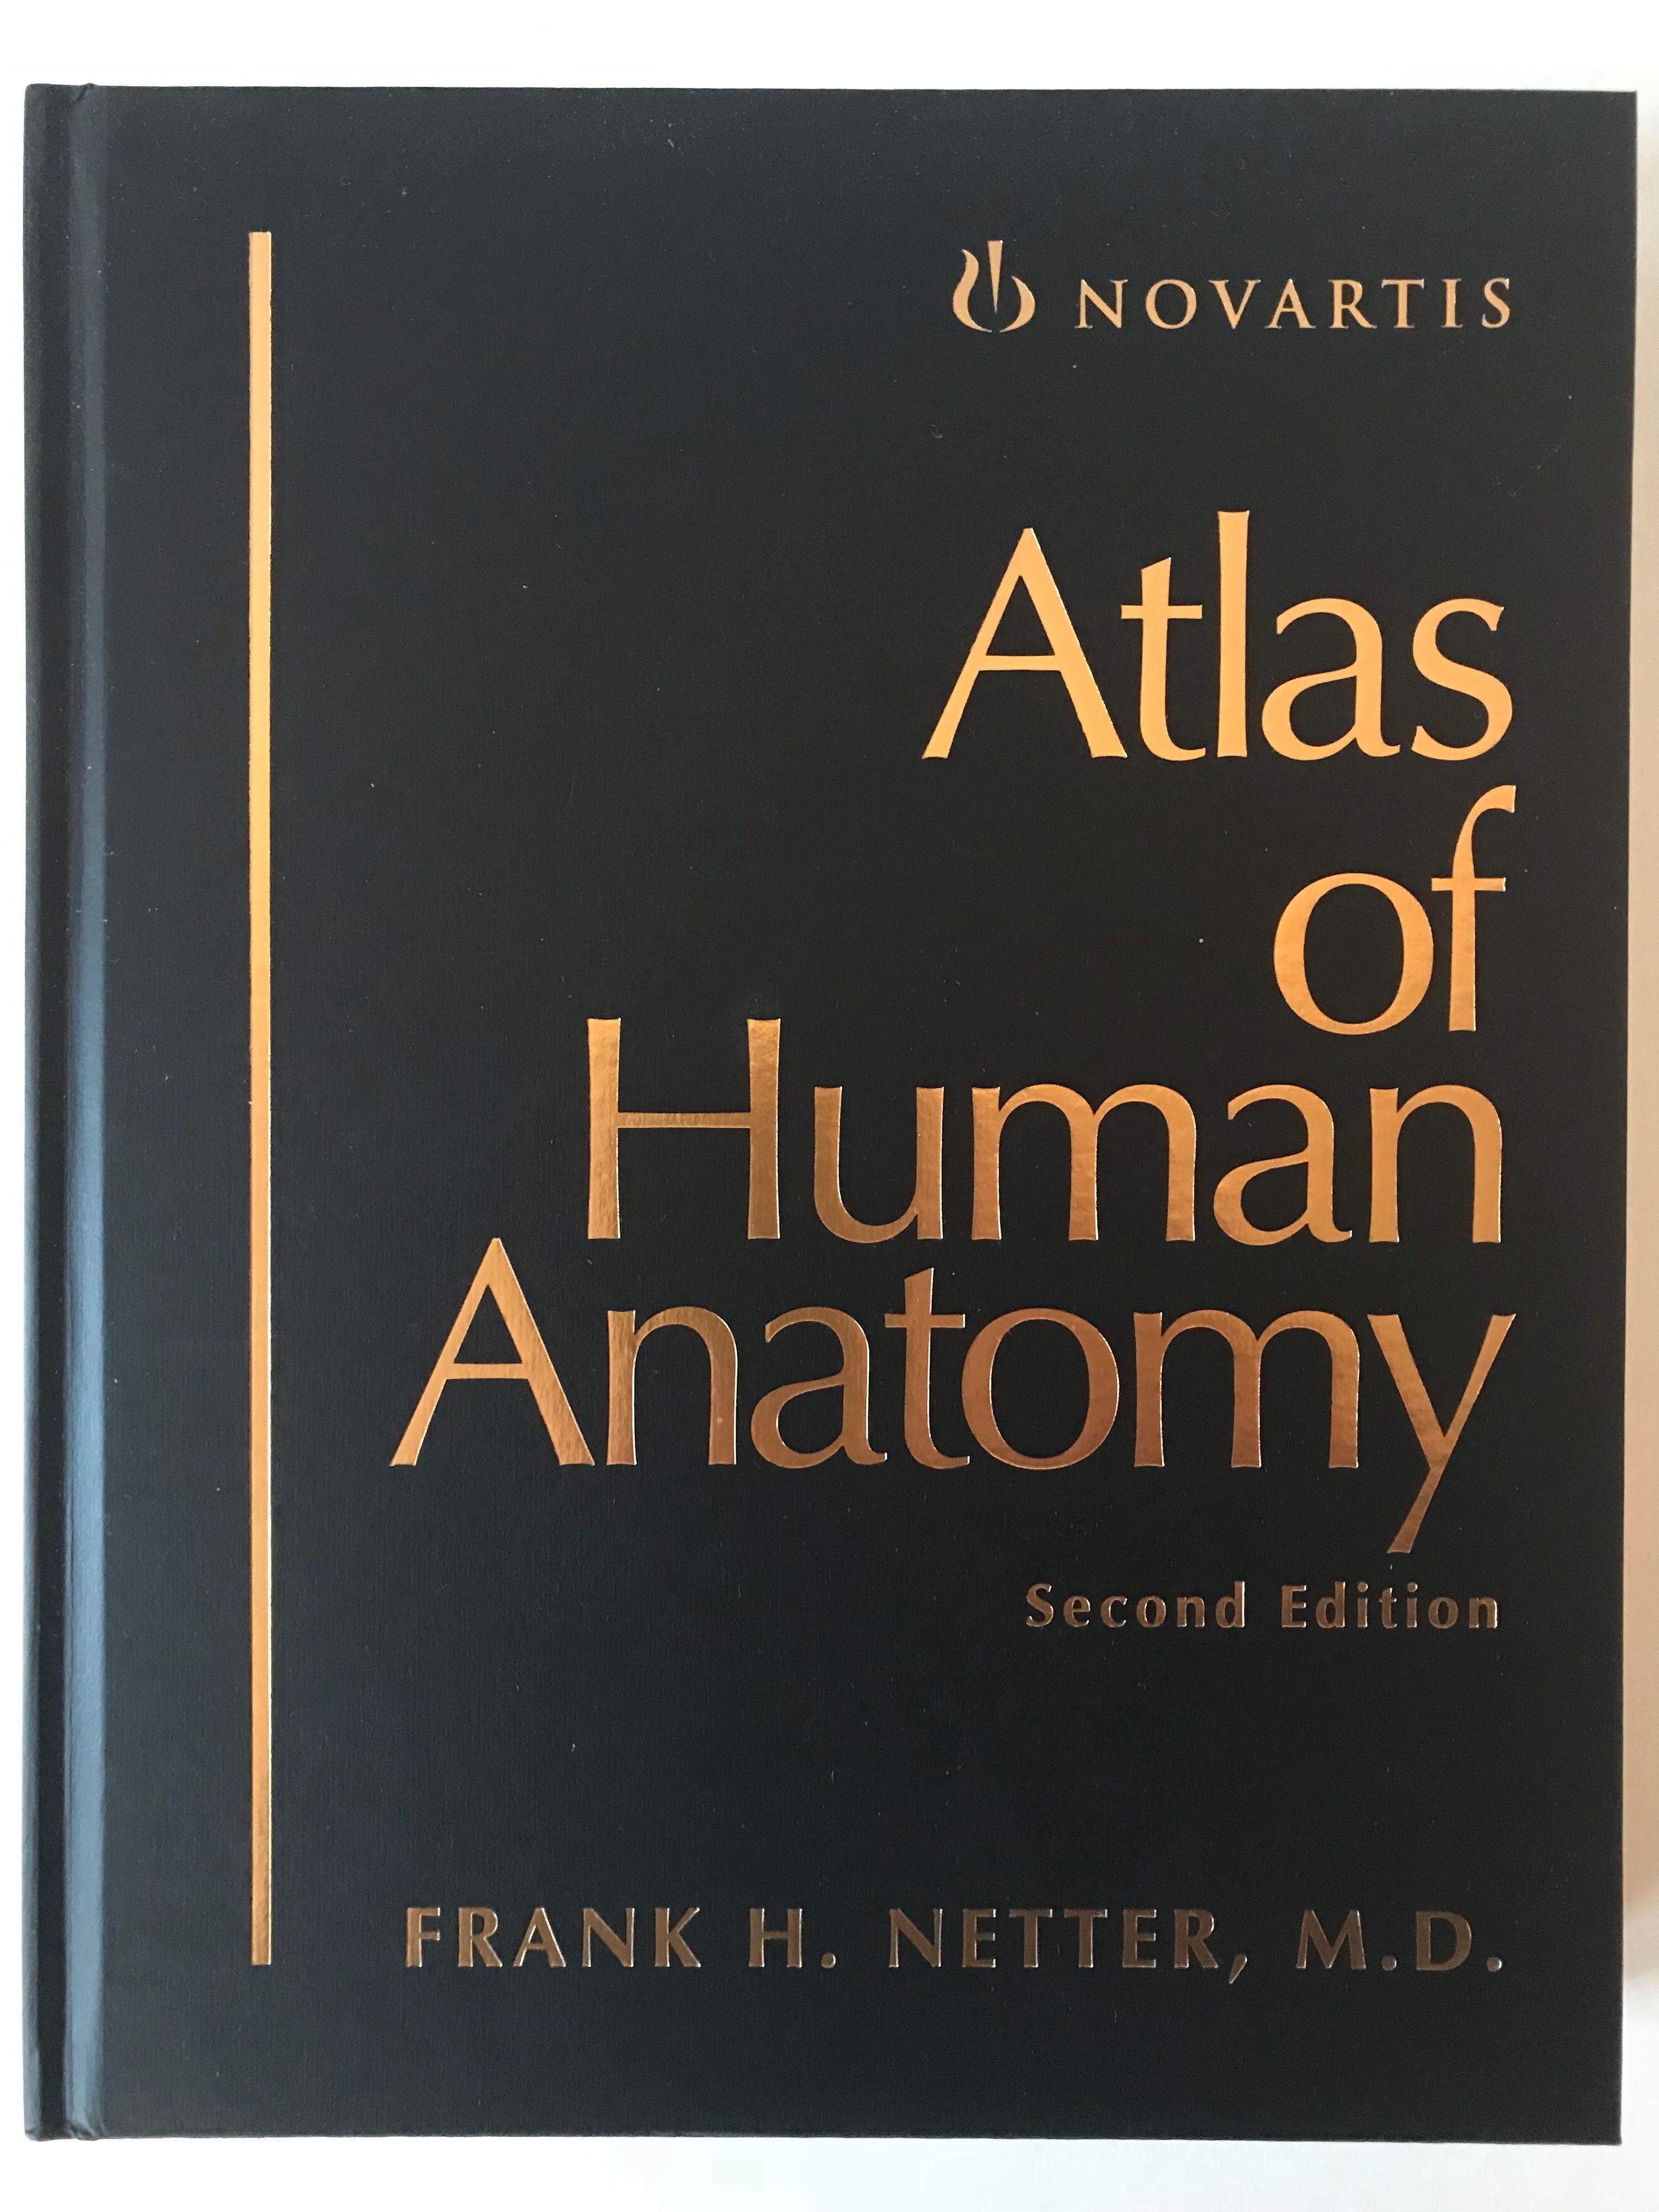 9780914168805 - Netter Atlas of Human Anatomy by Frank H Netter